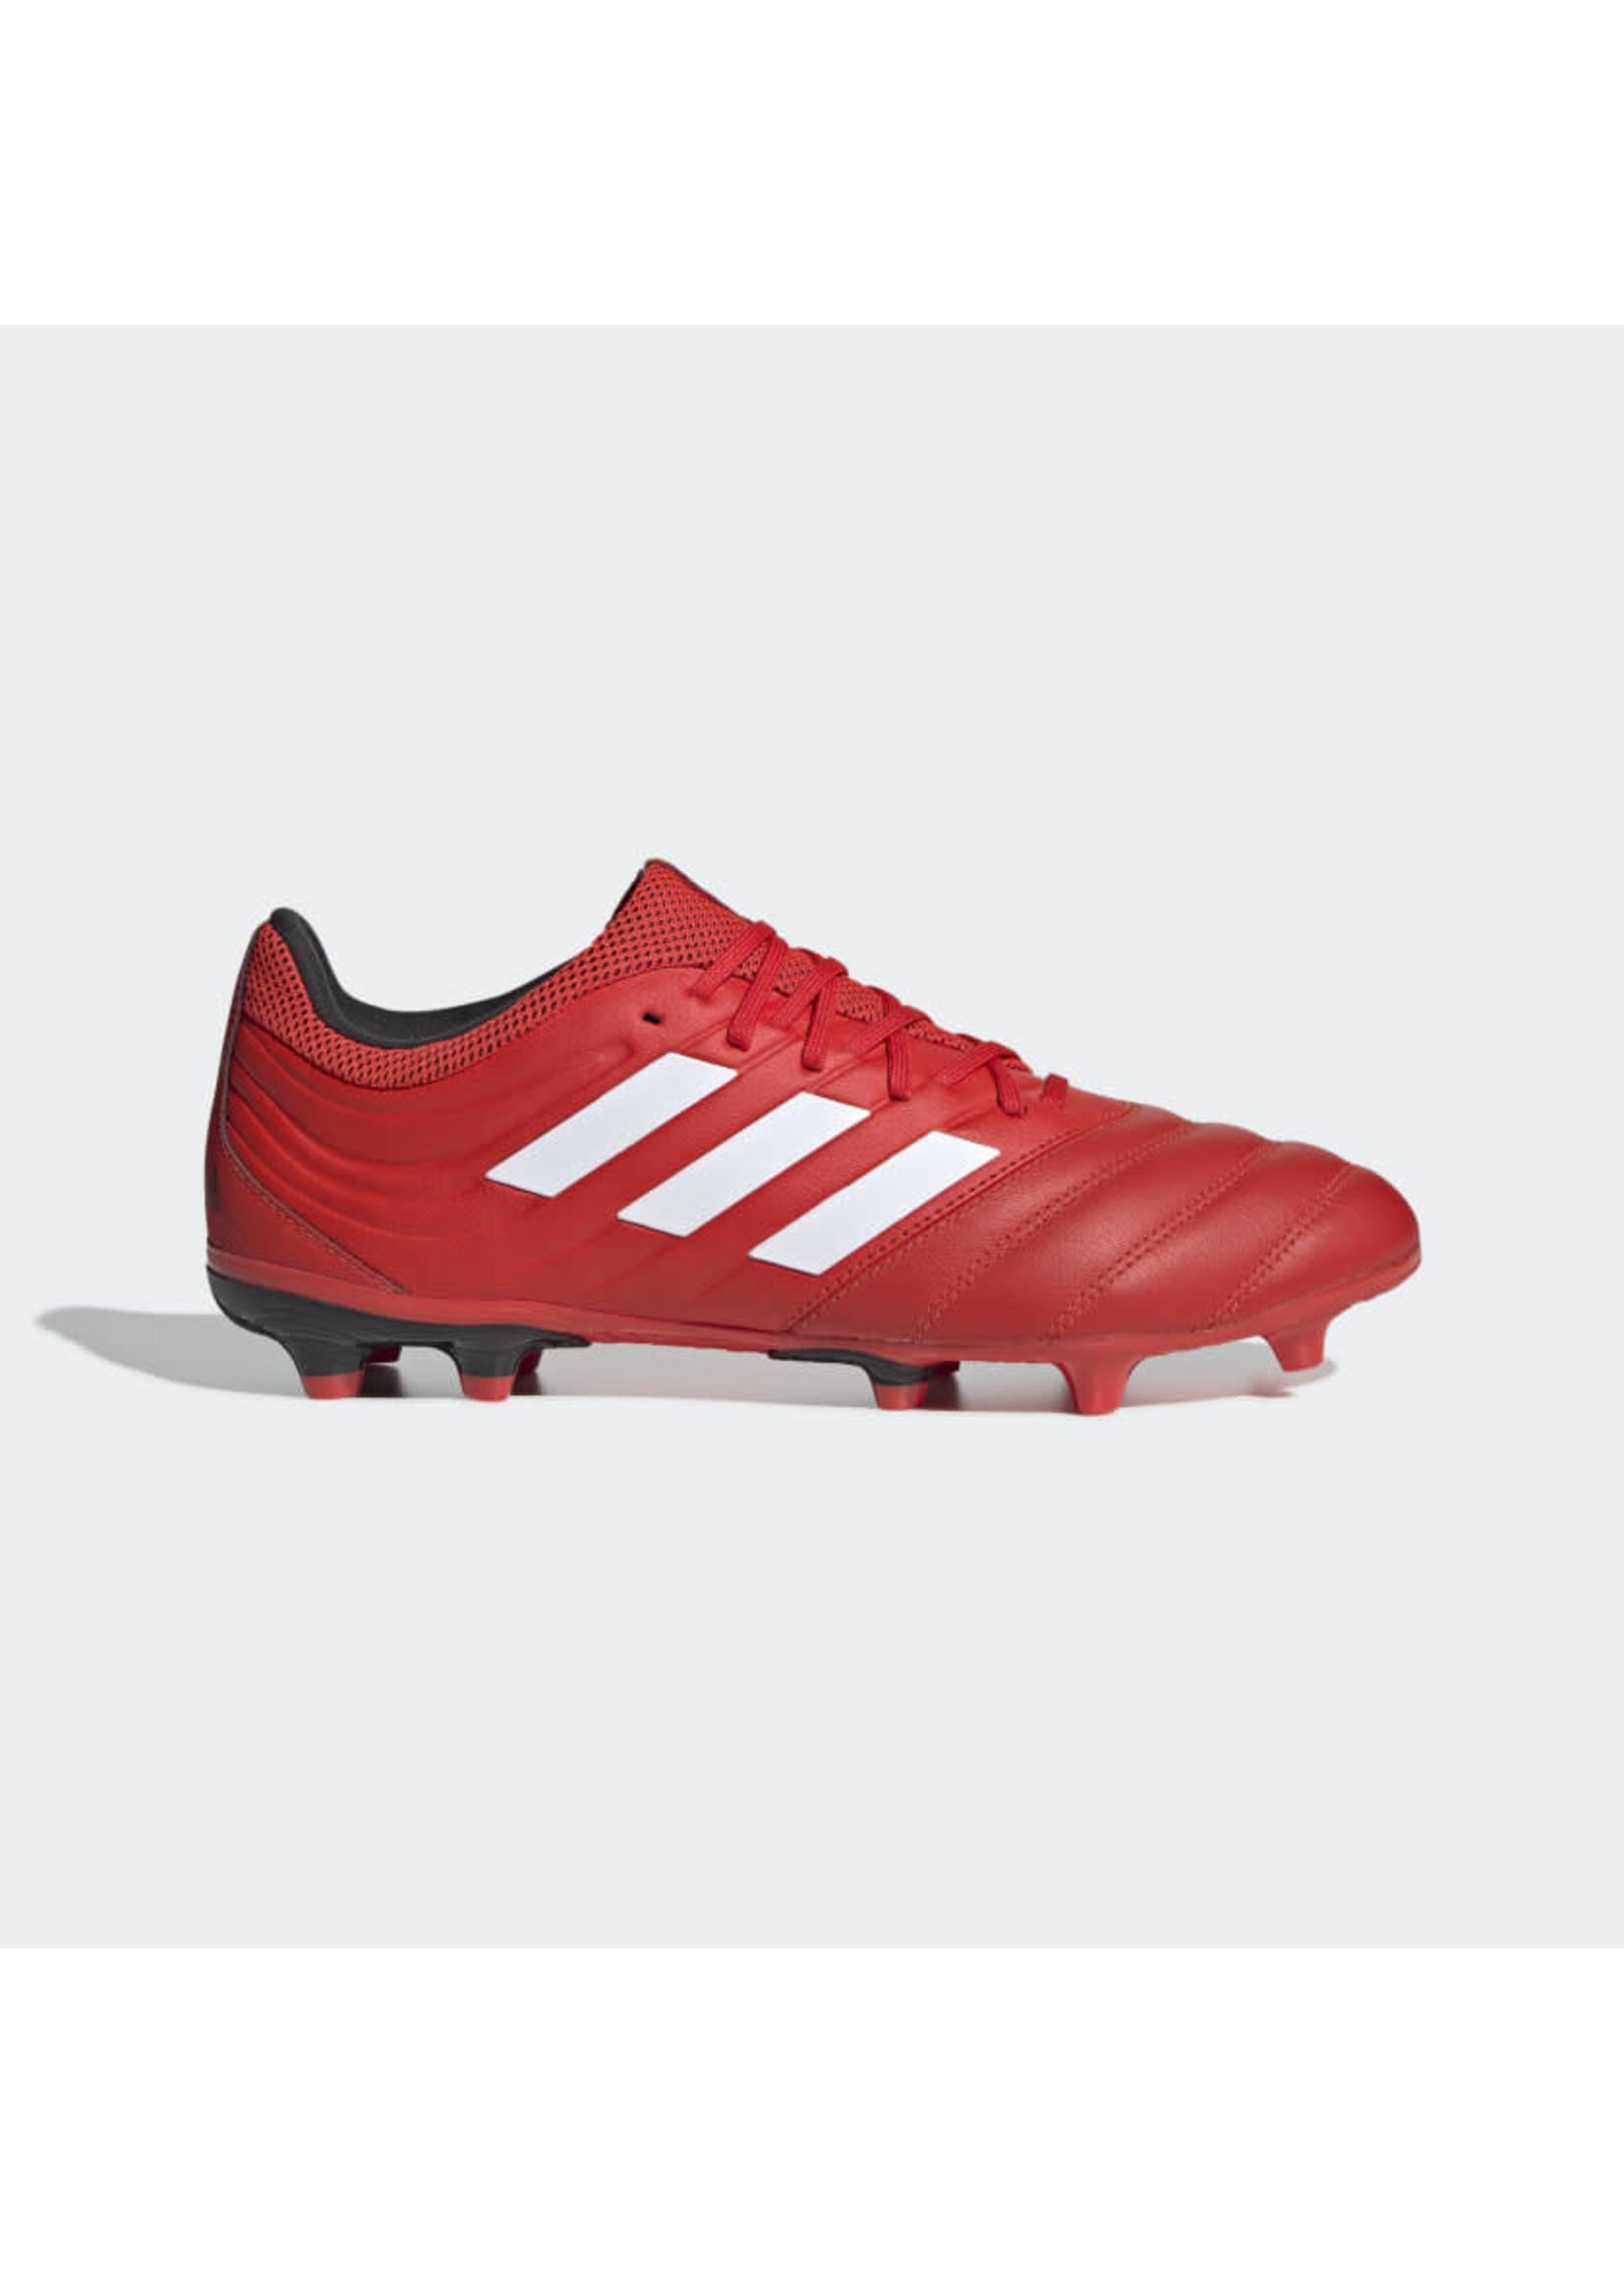 Adidas Copa 20.3 FG G28551